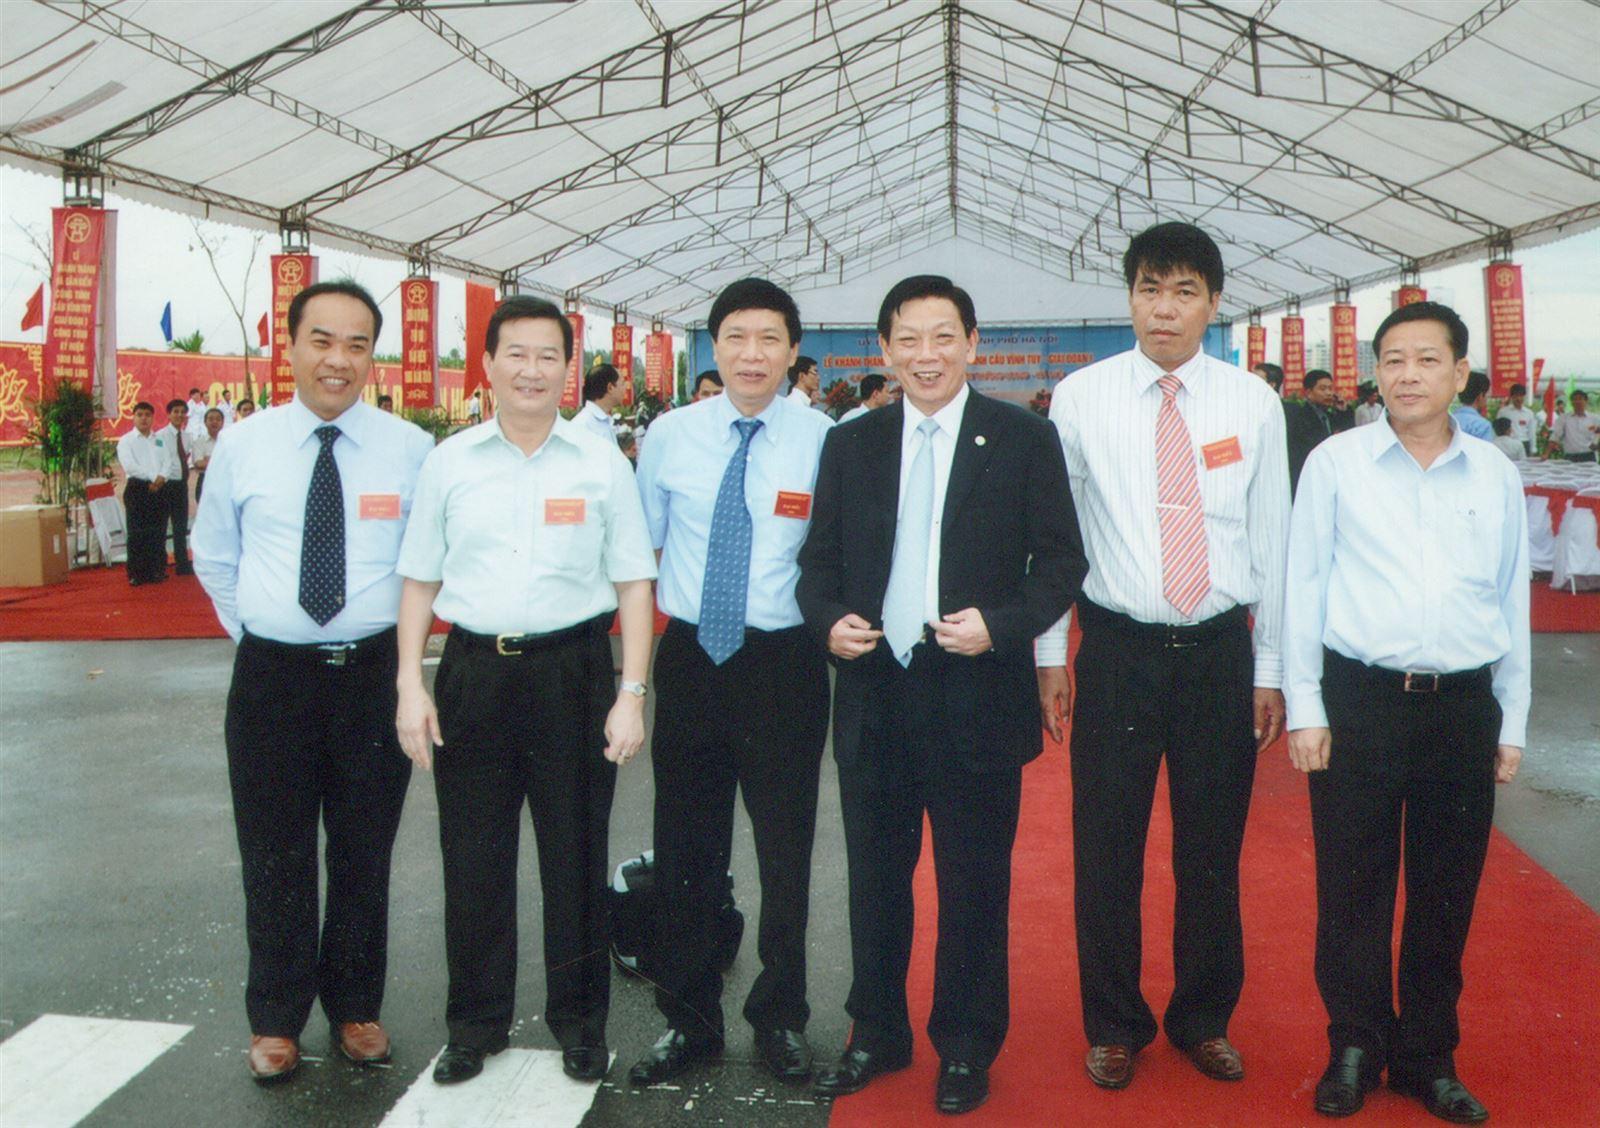 Chủ tịch Hội đồng quản trị kiêm Tổng Giám đốc Vũ Văn Trường, Chủ tịch UBND Thành phố Hà Nội Nguyễn Thế Thảo và các Phó Chủ tịch Thành phố dự Đại lễ 1.000 năm Thăng Long Hà Nội.